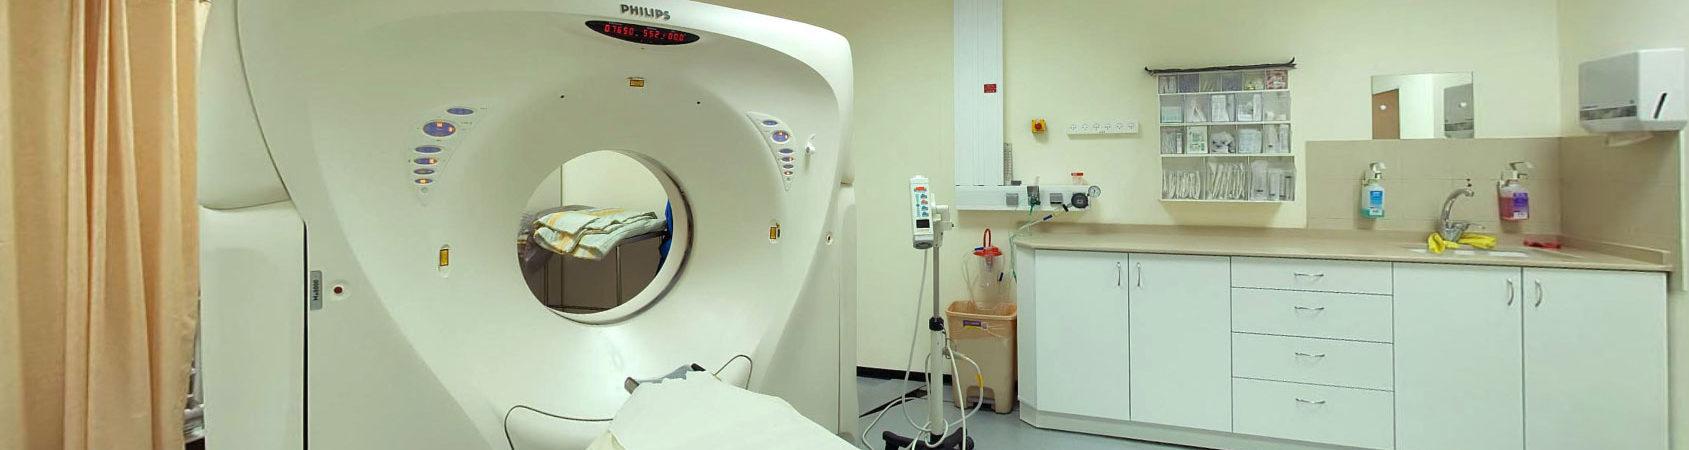 מערך הדימות MRI מעיני הישועה